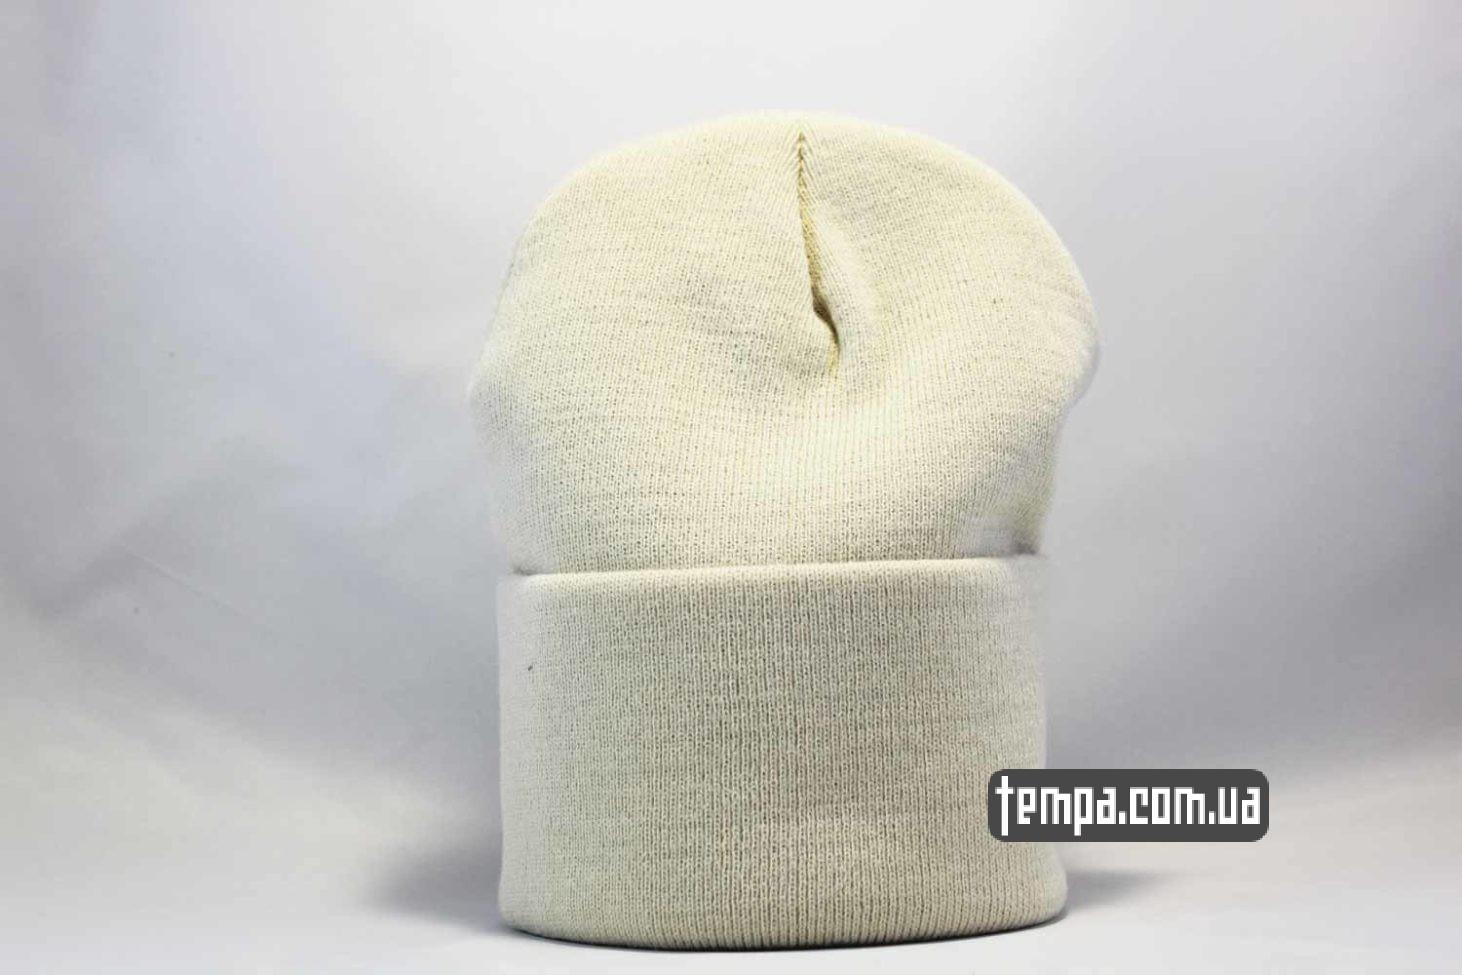 белая одежда бини шапка beanie carhartt white leather кожаная